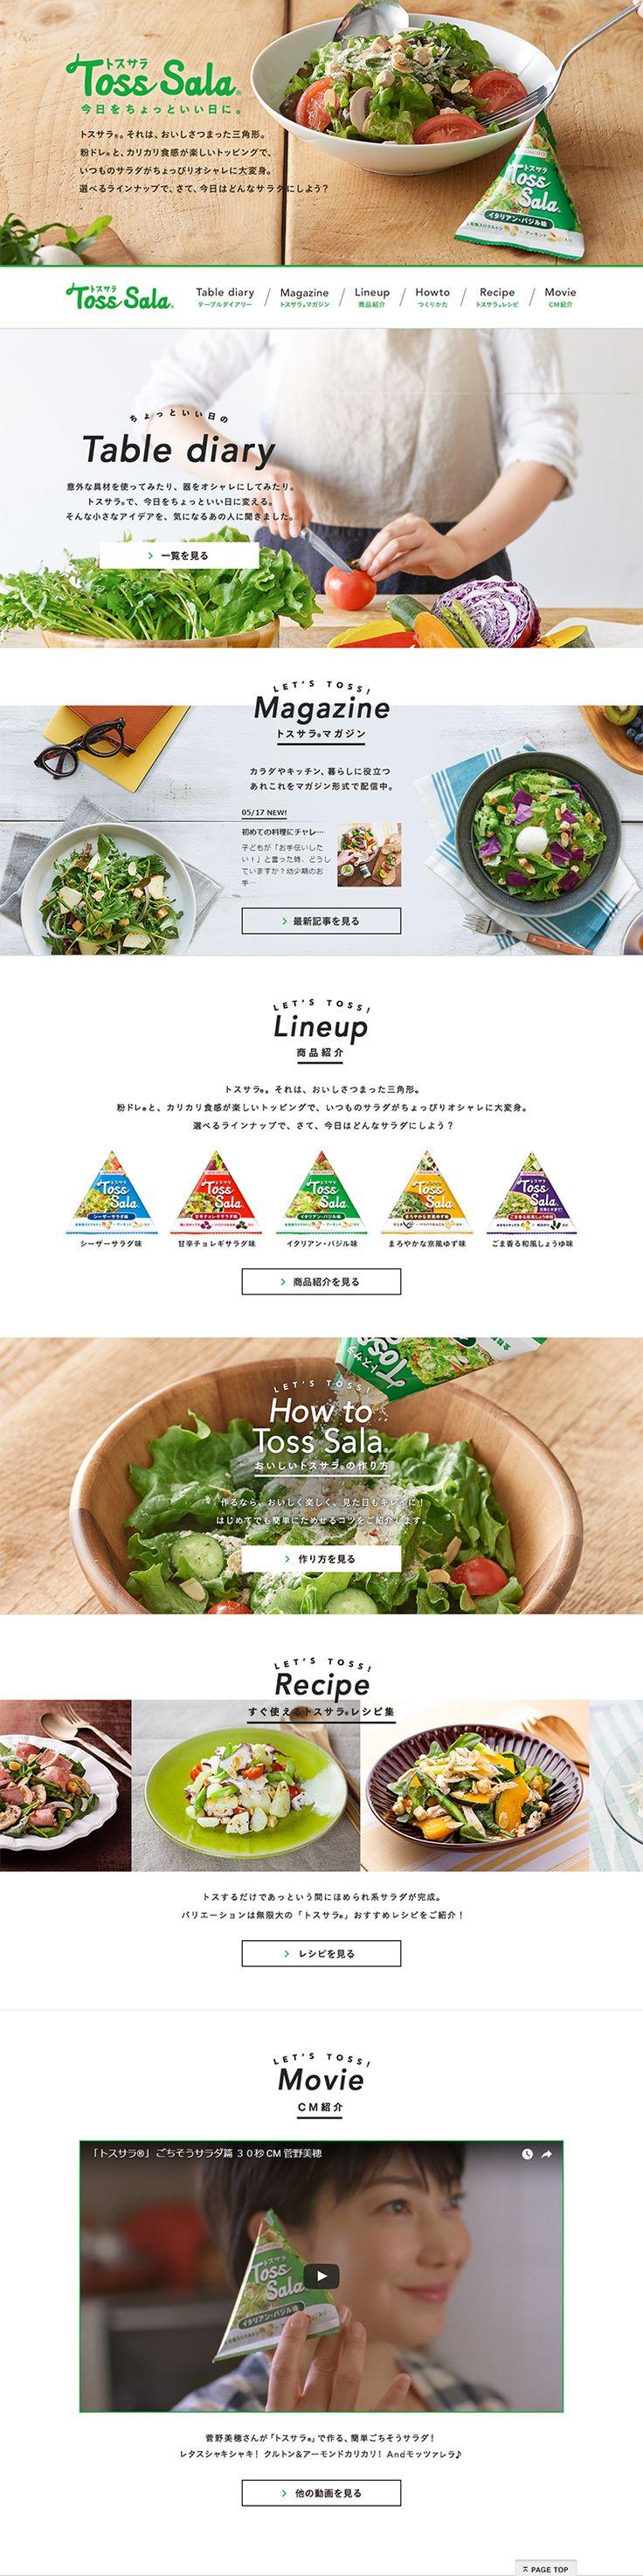 Toss Sala|WEBデザイナーさん必見!ランディングページのデザイン参考に(シンプル系)